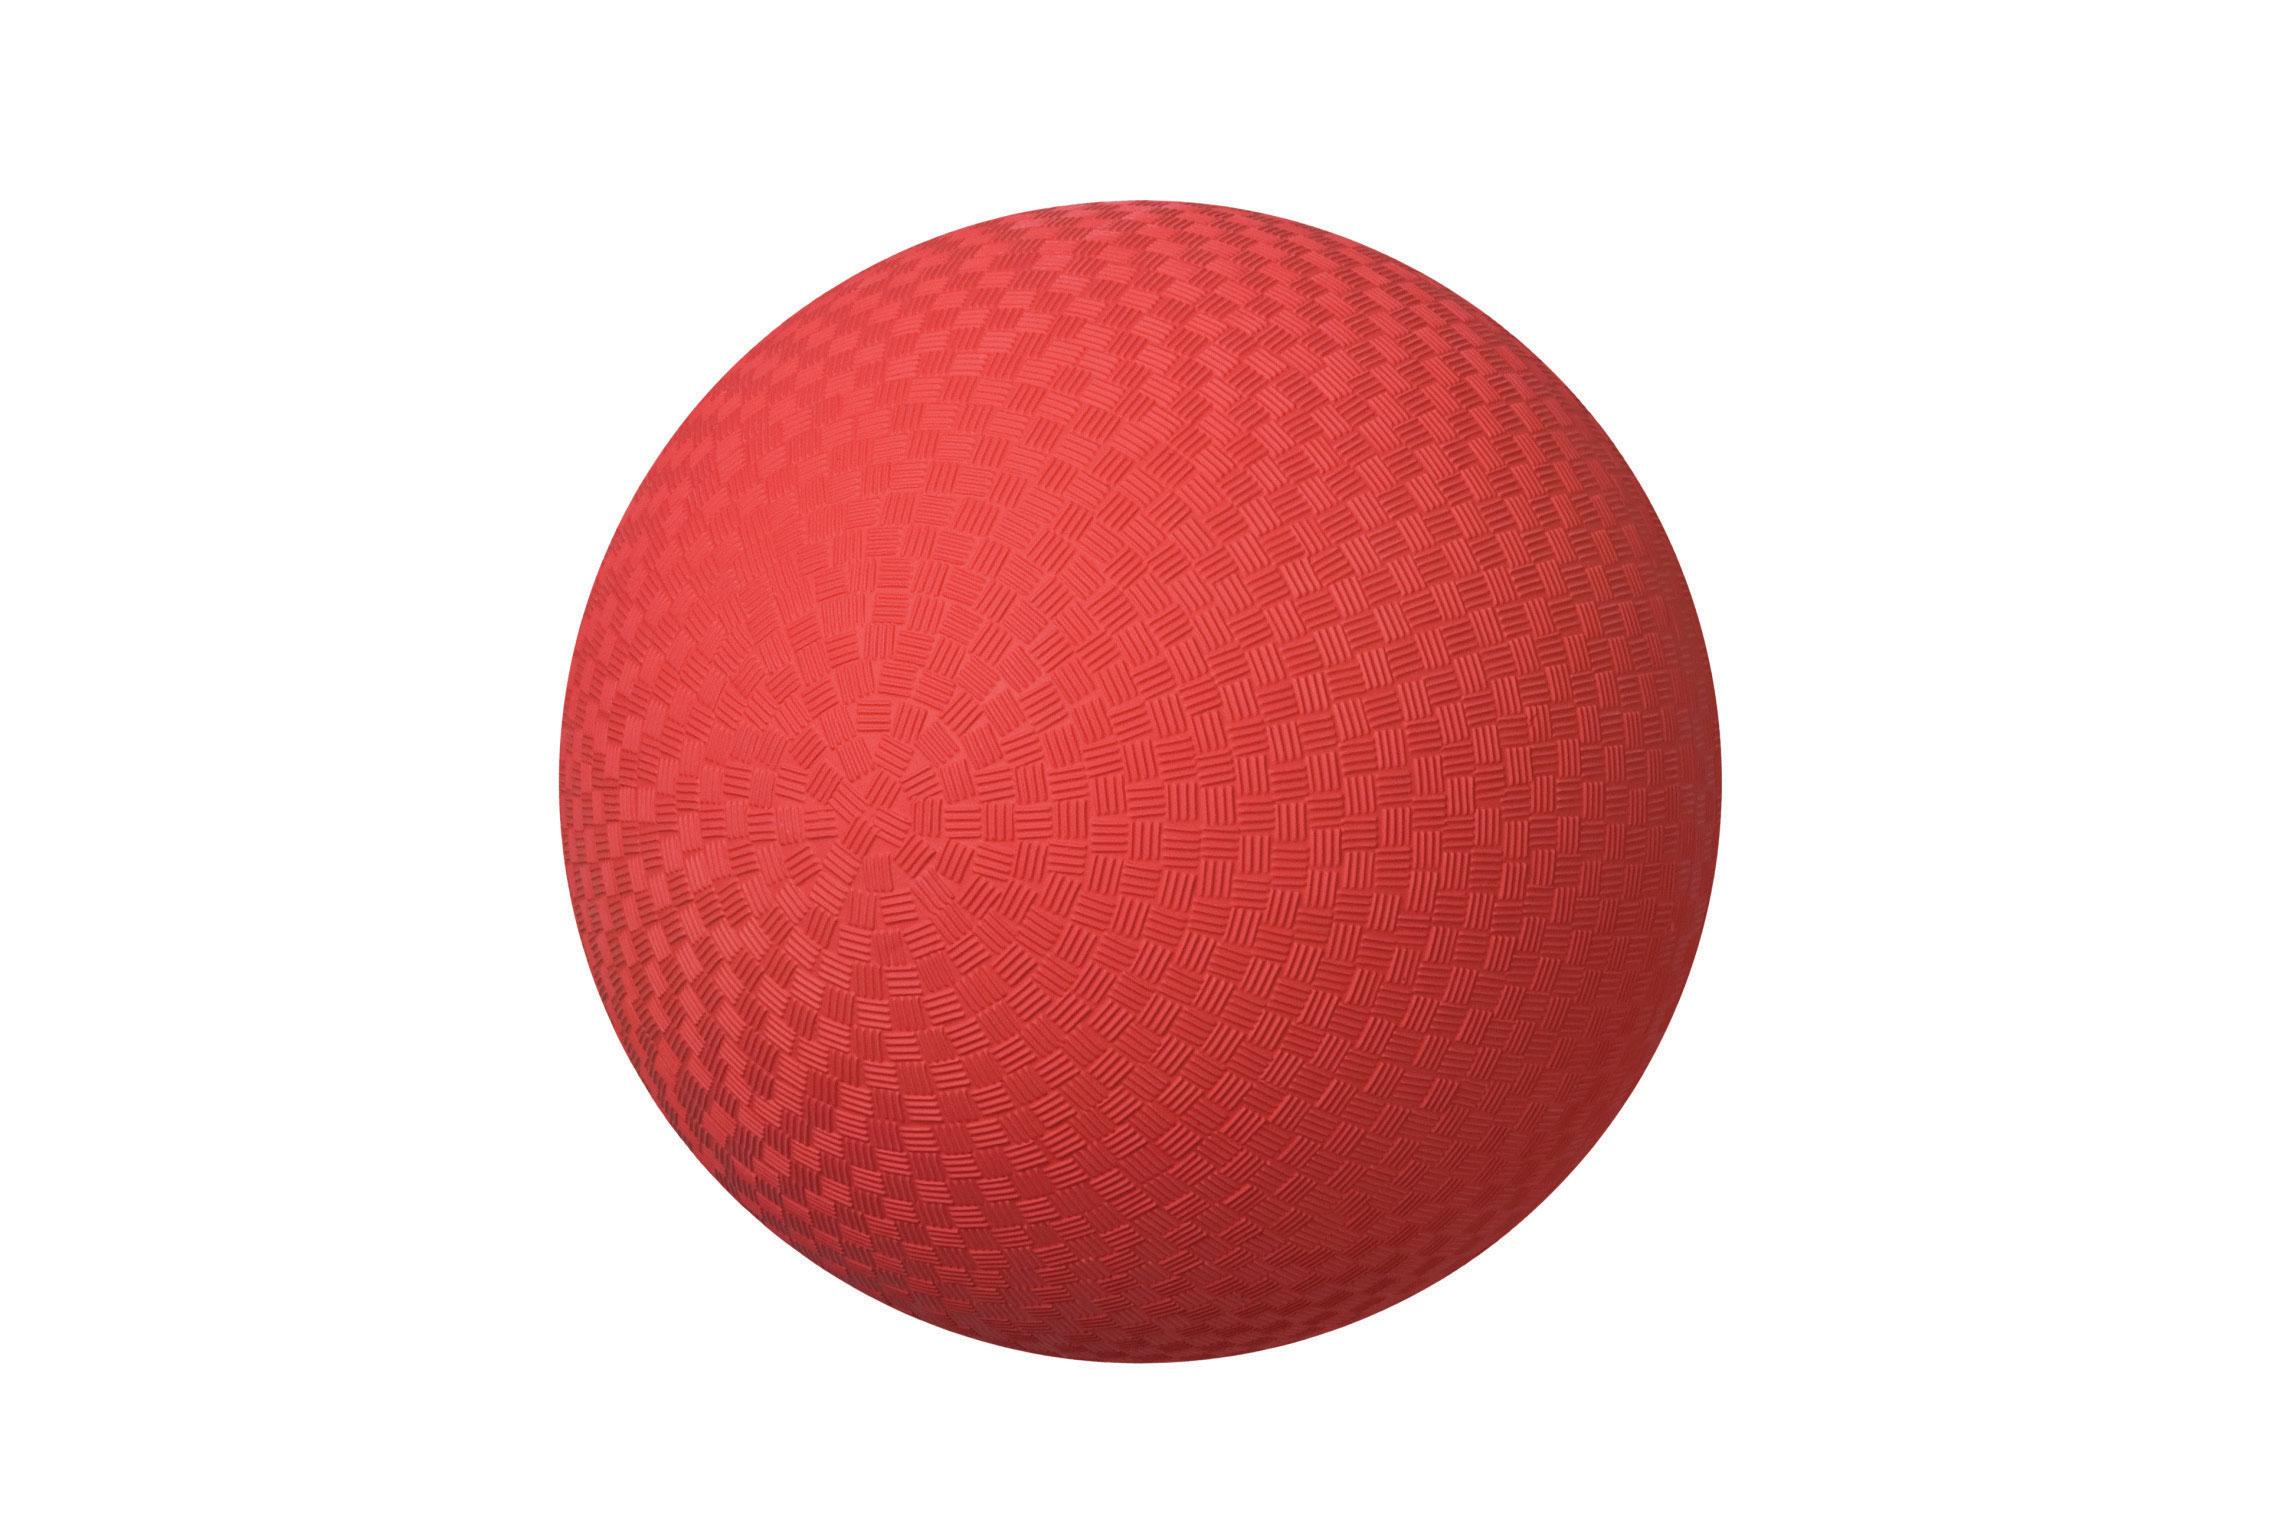 2285x1530 Clip Art Kick Ball Clip Art